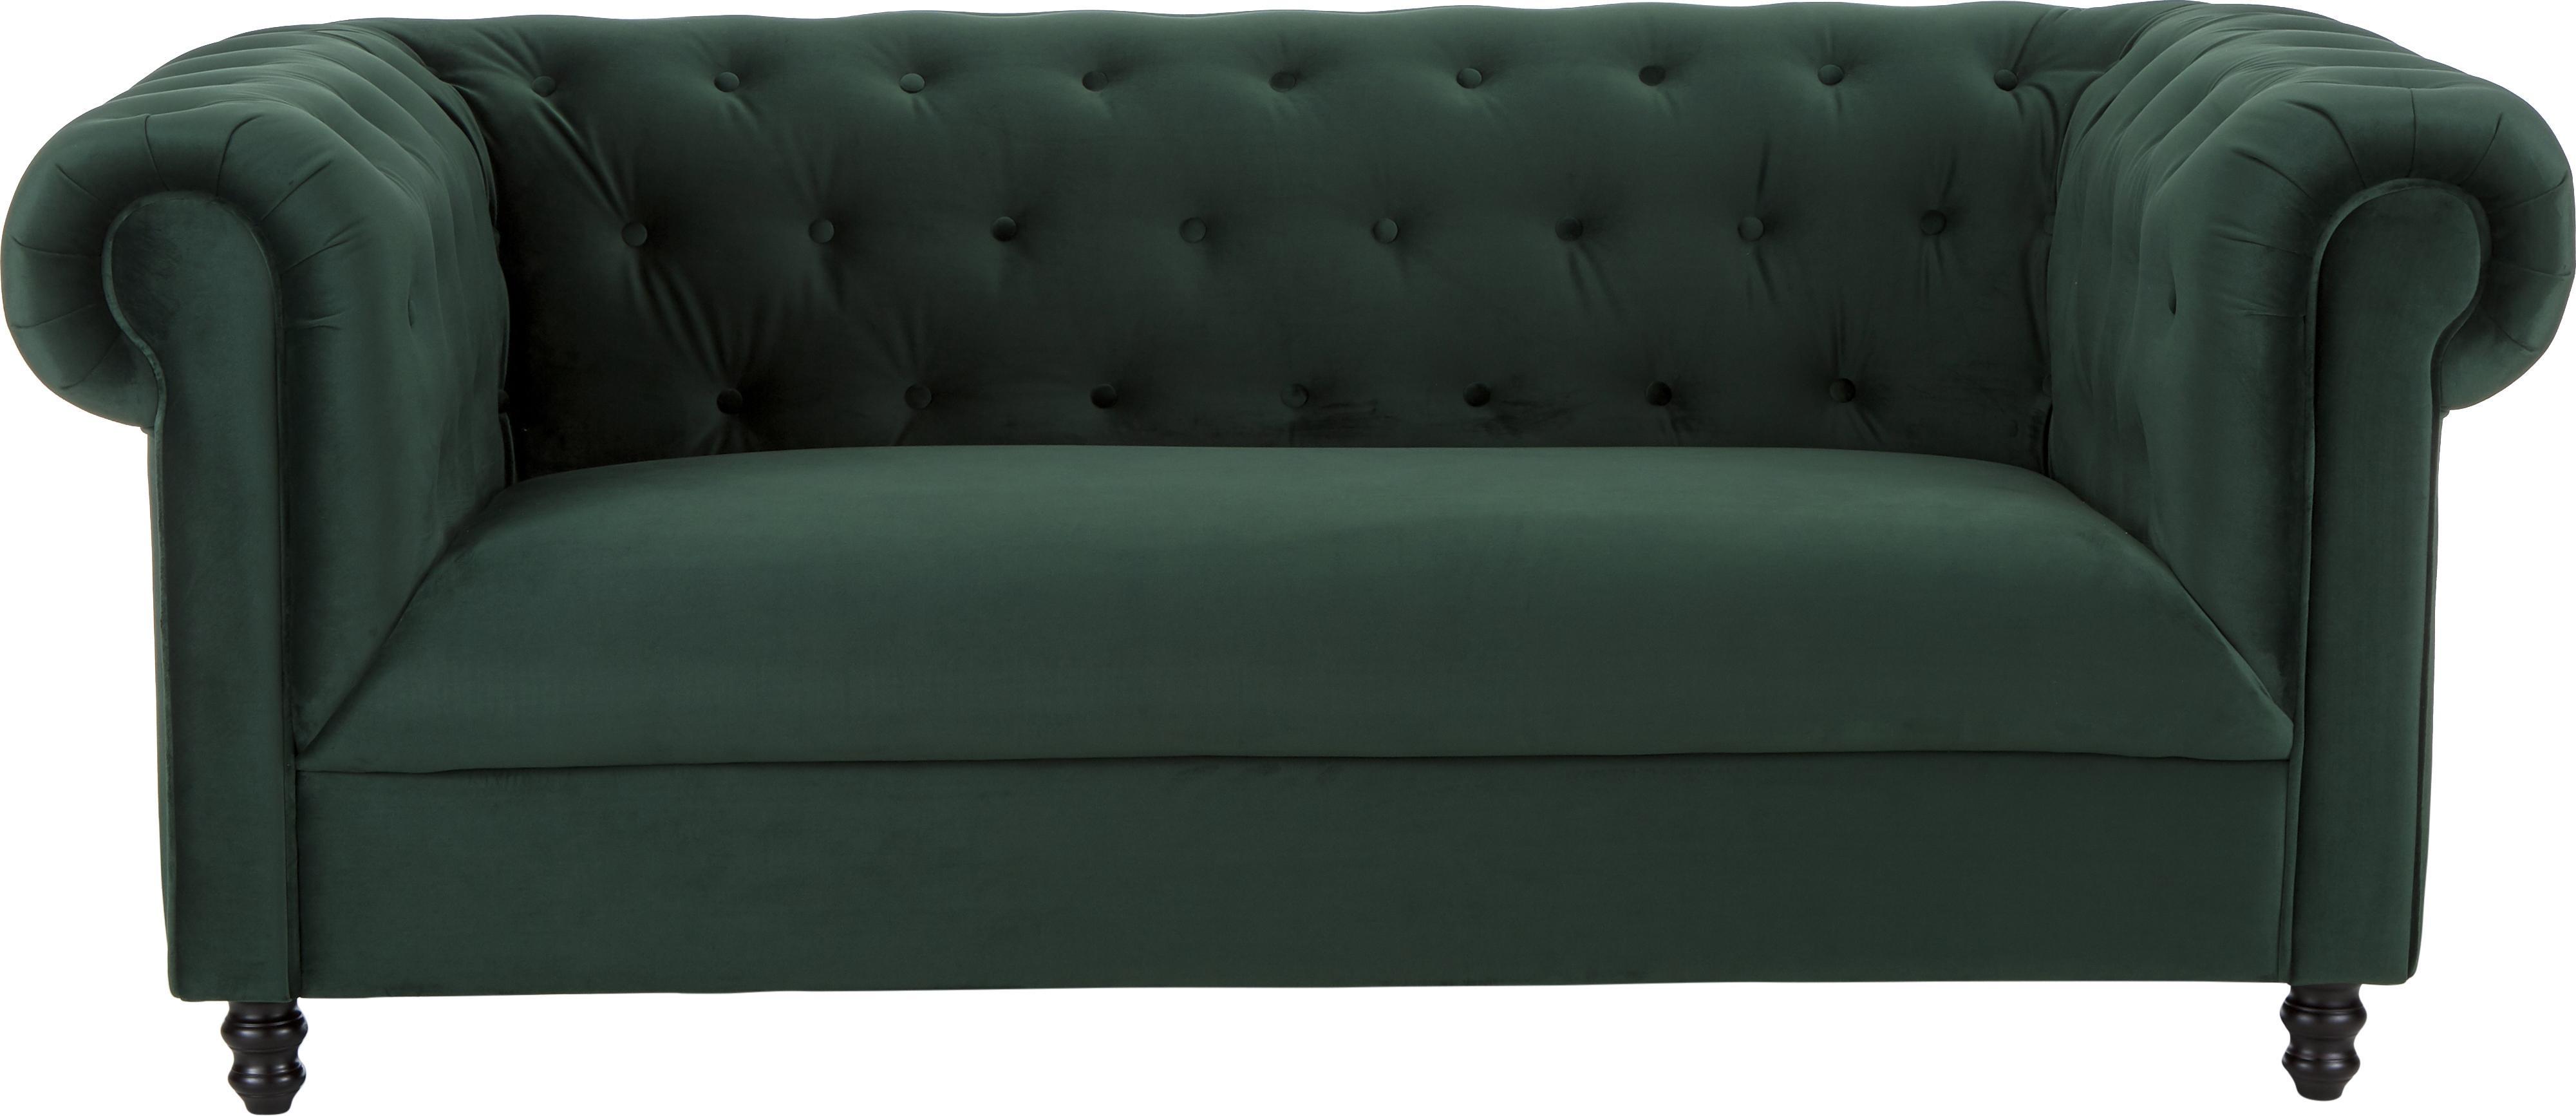 Sofá Chesterfield de terciopelo Chester (2plazas), Tapizado: terciopelo de poliéster 2, Patas: madera de roble y de noga, Terciopelo verde profundo, An 186 x F 94 cm